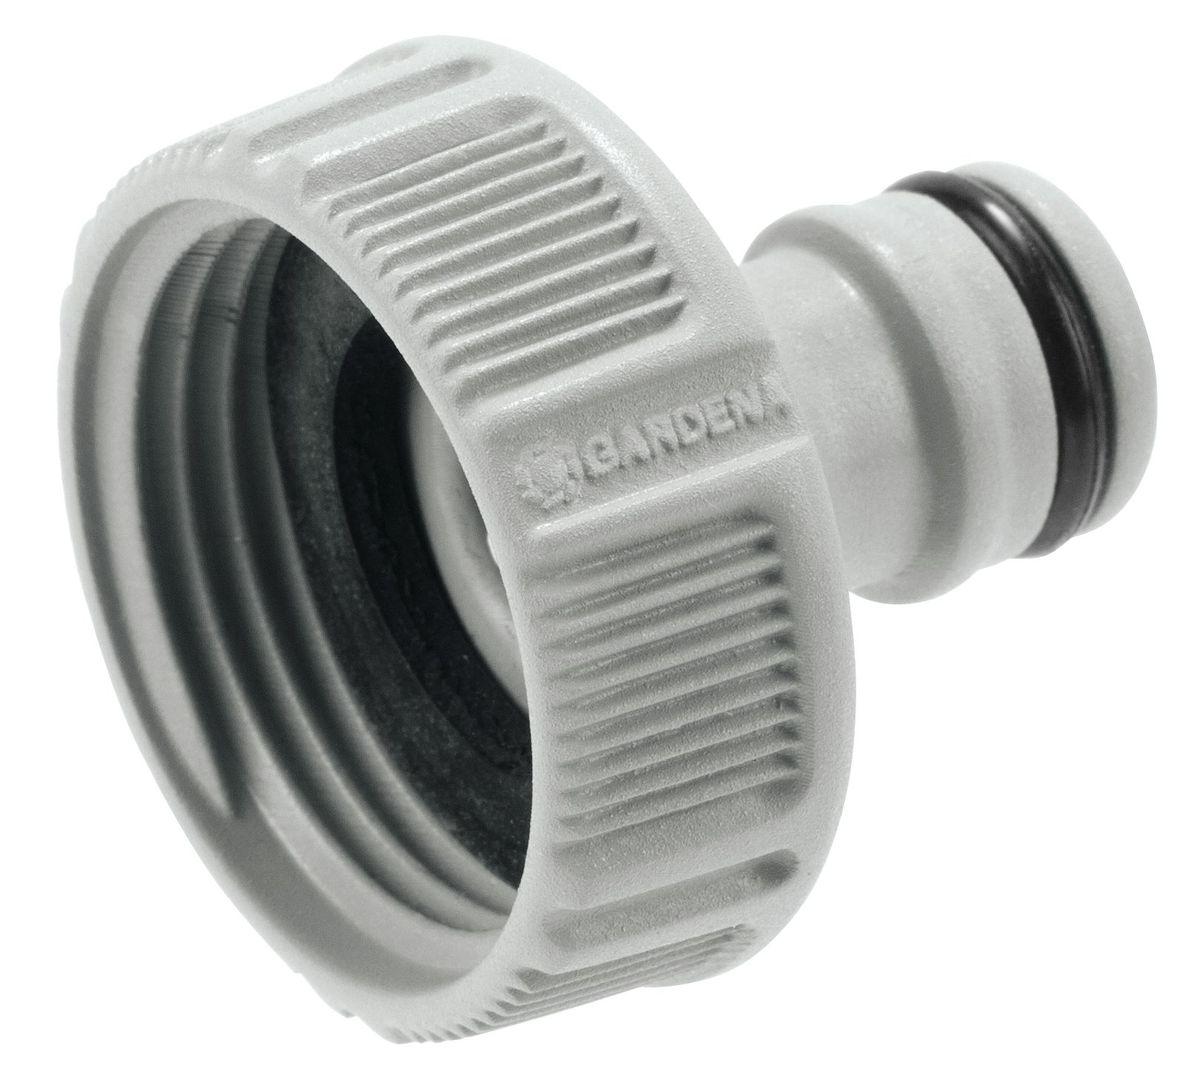 Штуцер резьбовой Gardena, 1А00319Штуцер резьбовой Gardena позволяет быстро и легко нарастить шланг или подключить необходимый аксессуар. Все соединения герметичны. Легко устанавливается и не требует использования инструментов. Для кранов диаметром 26,5 мм (G 3/4) с резьбой 33,3 мм ( G 1).